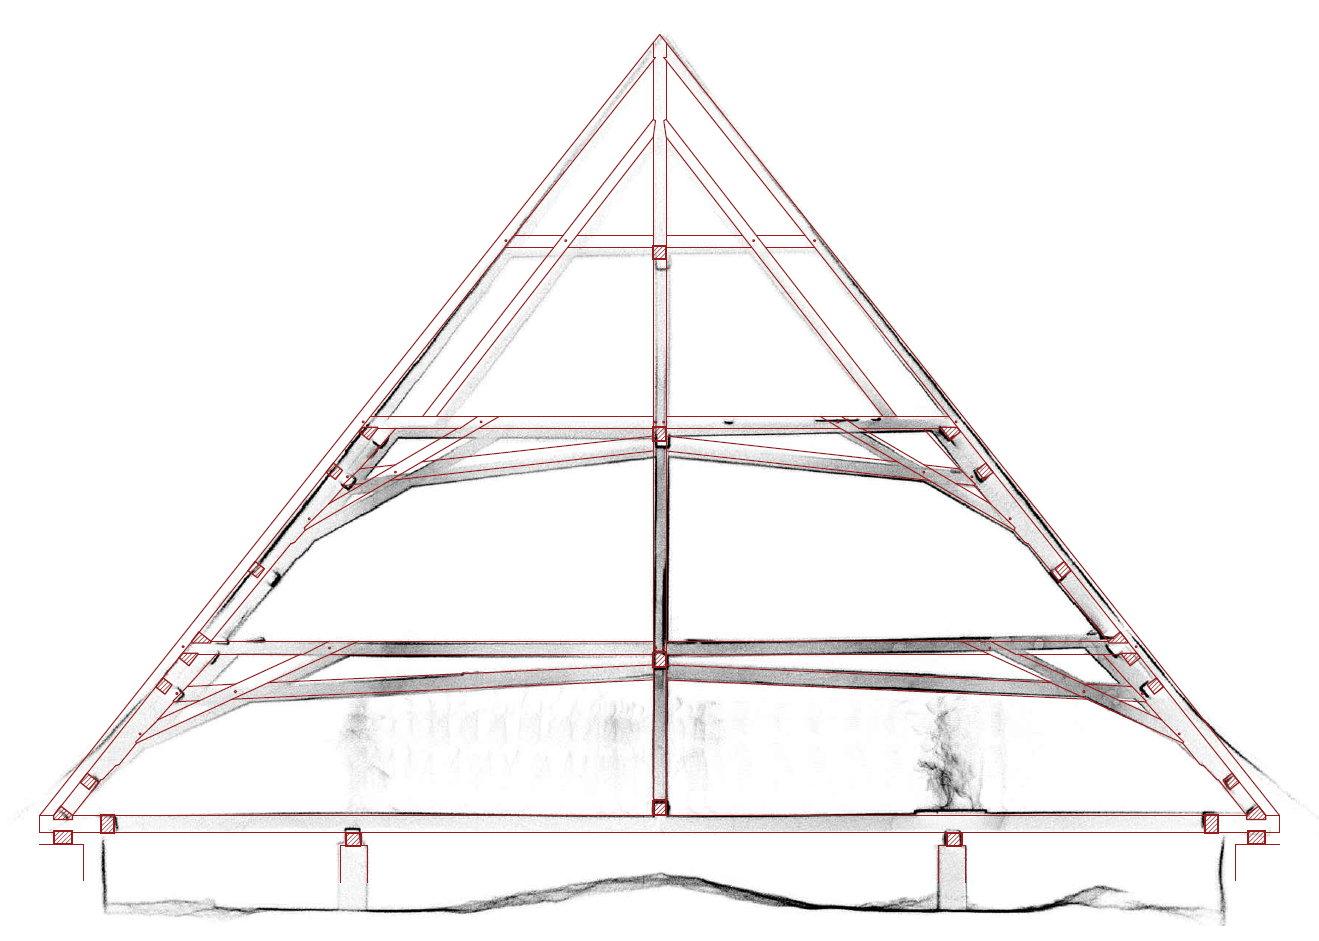 3d skenování historického krovu – příčný řez